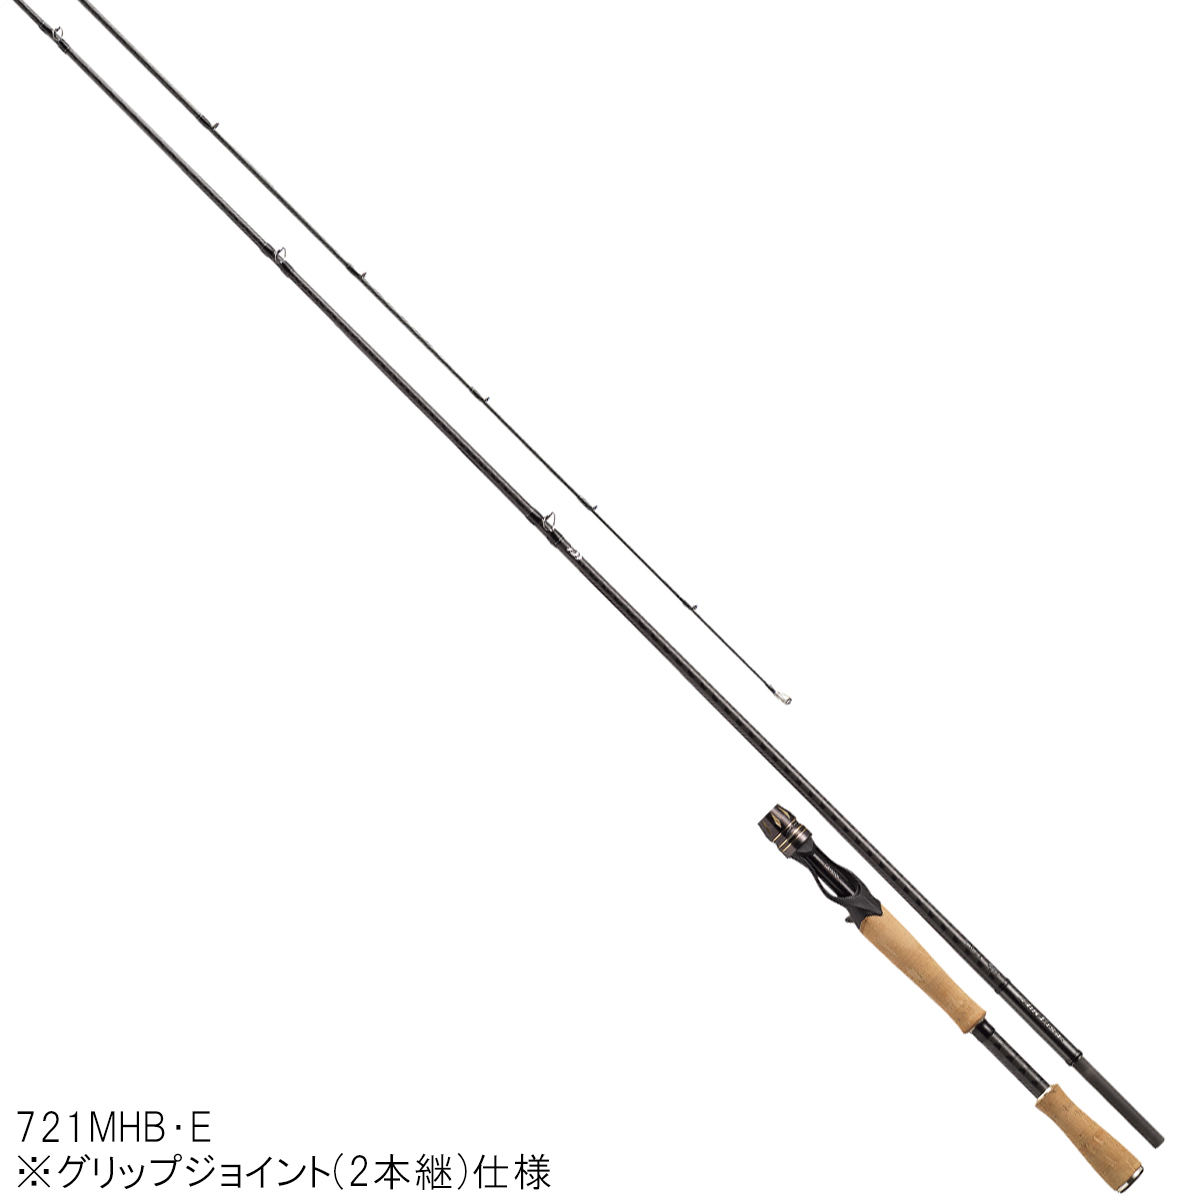 ダイワ エアエッジ ベイトキャスティングモデル 721MHB・E【大型商品】(東日本店)